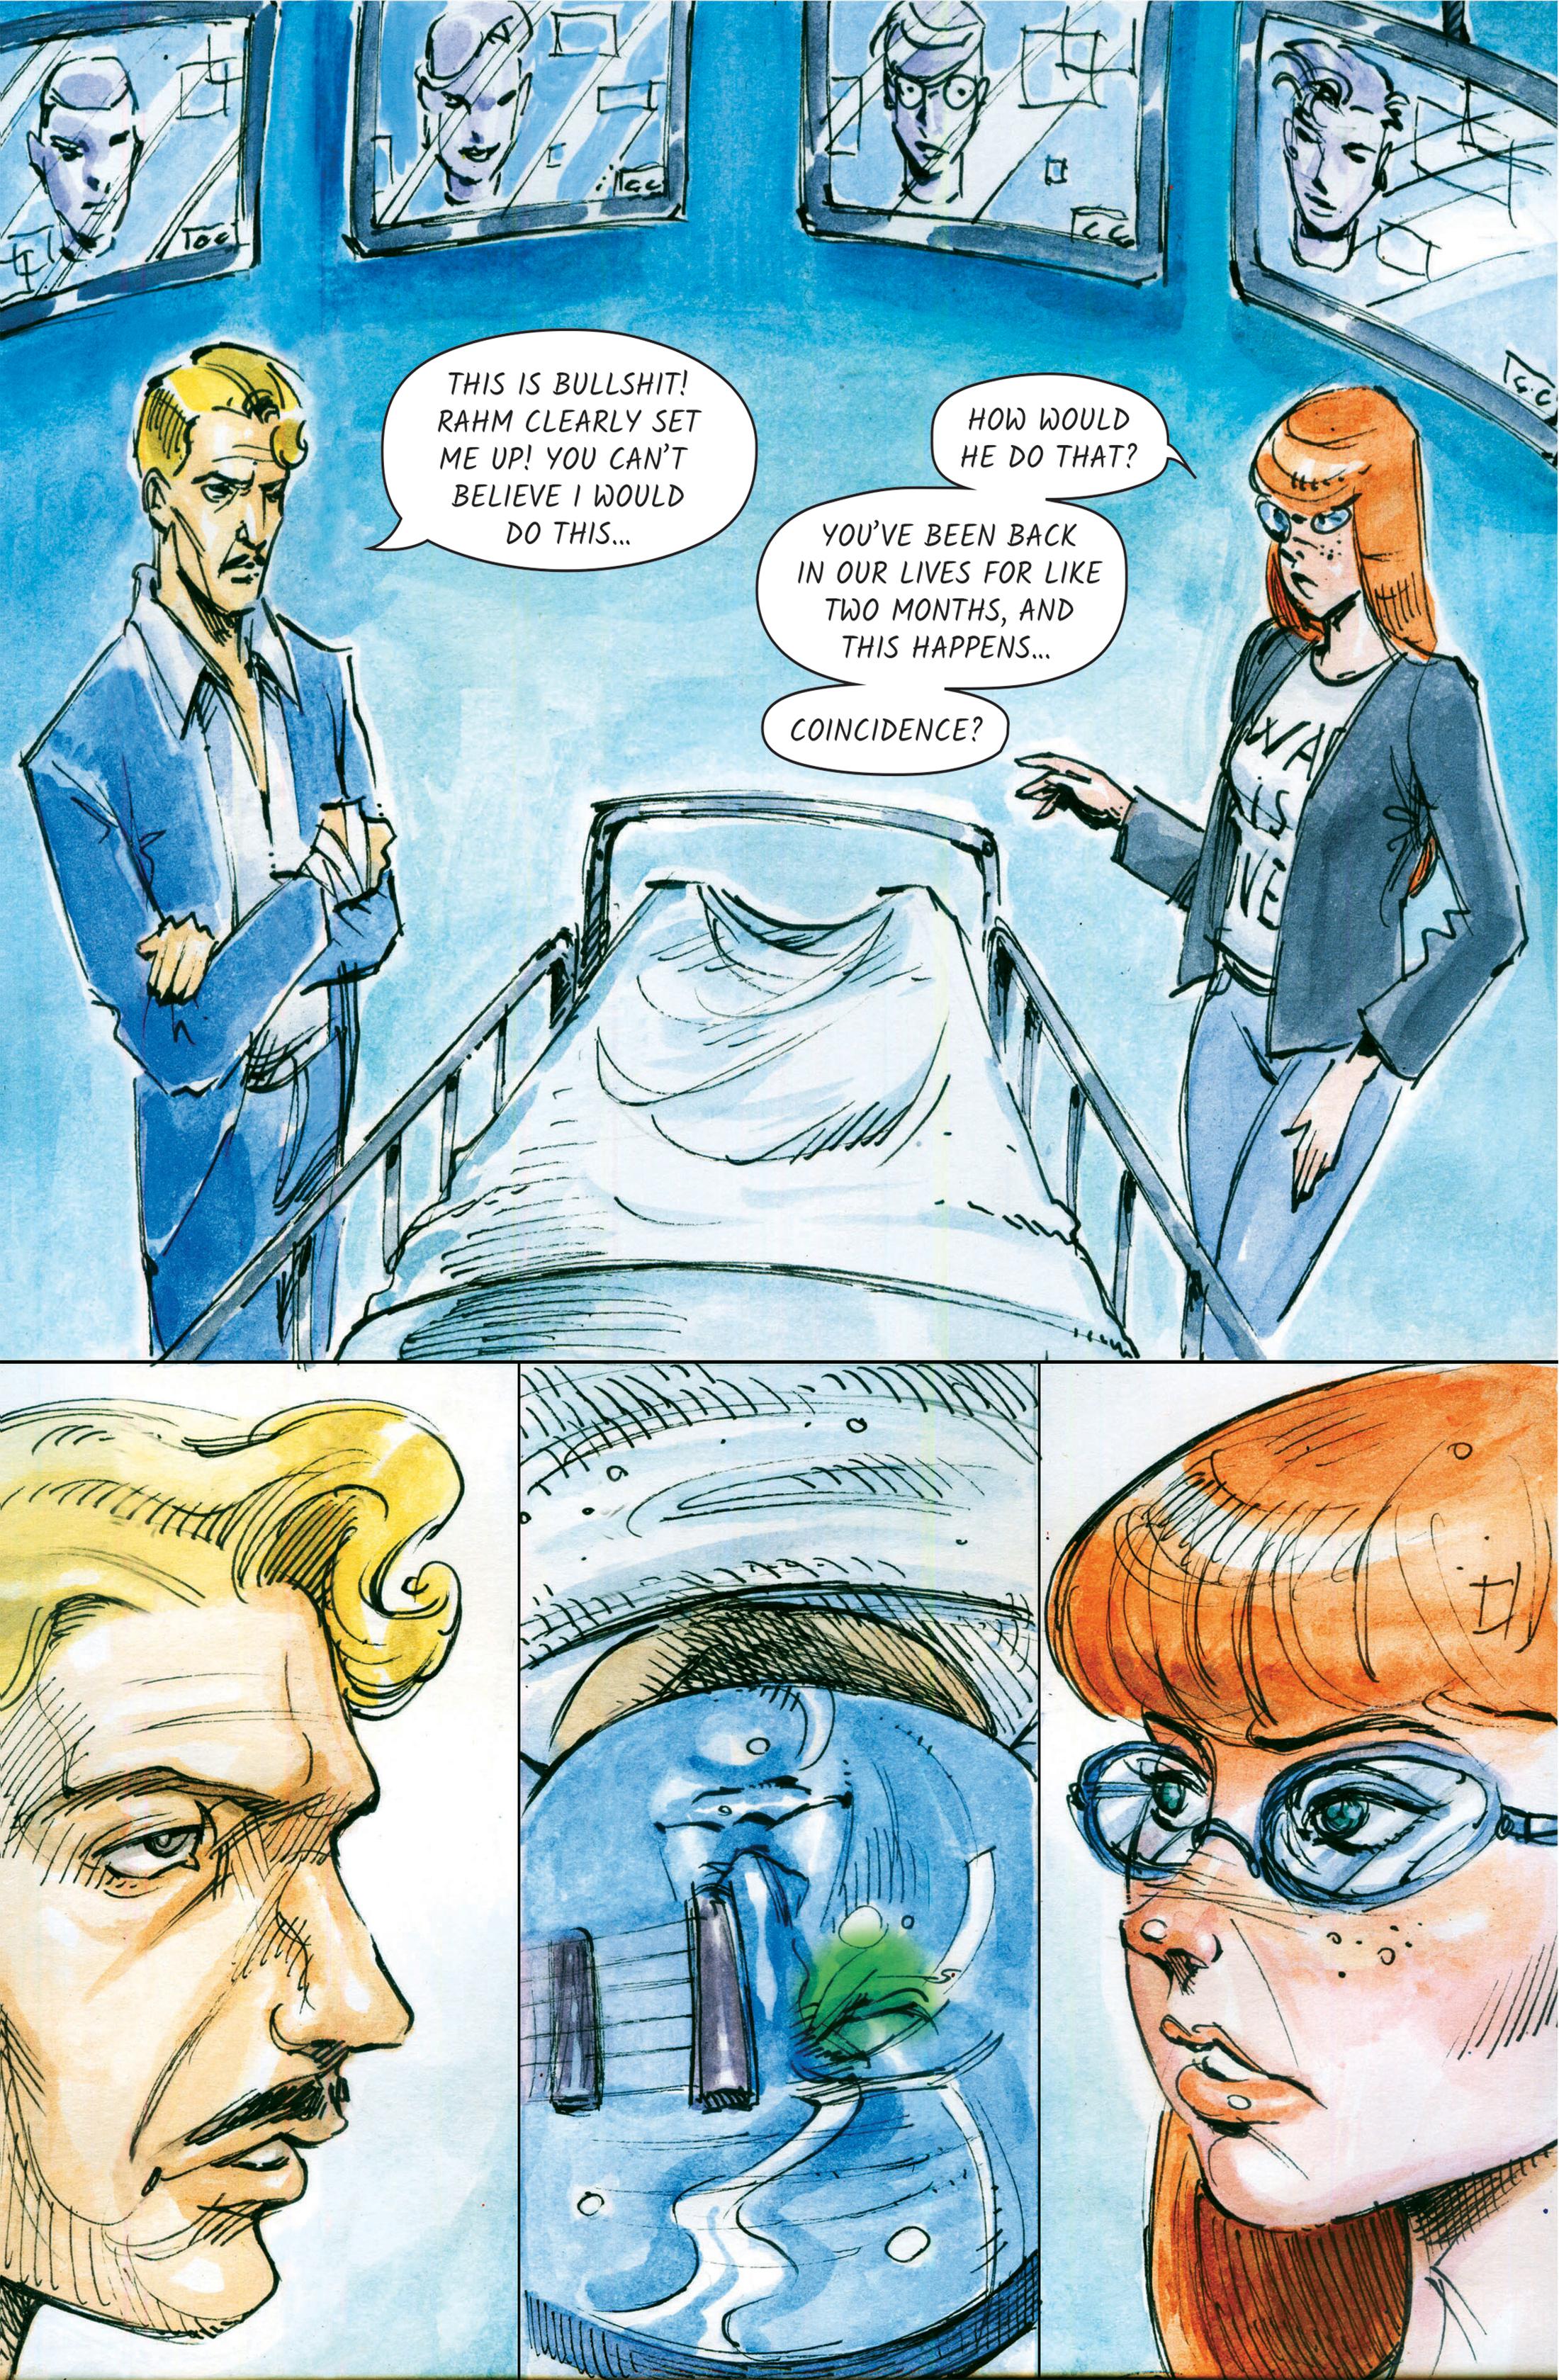 comic-17-03-20_CH12_PG4.jpg